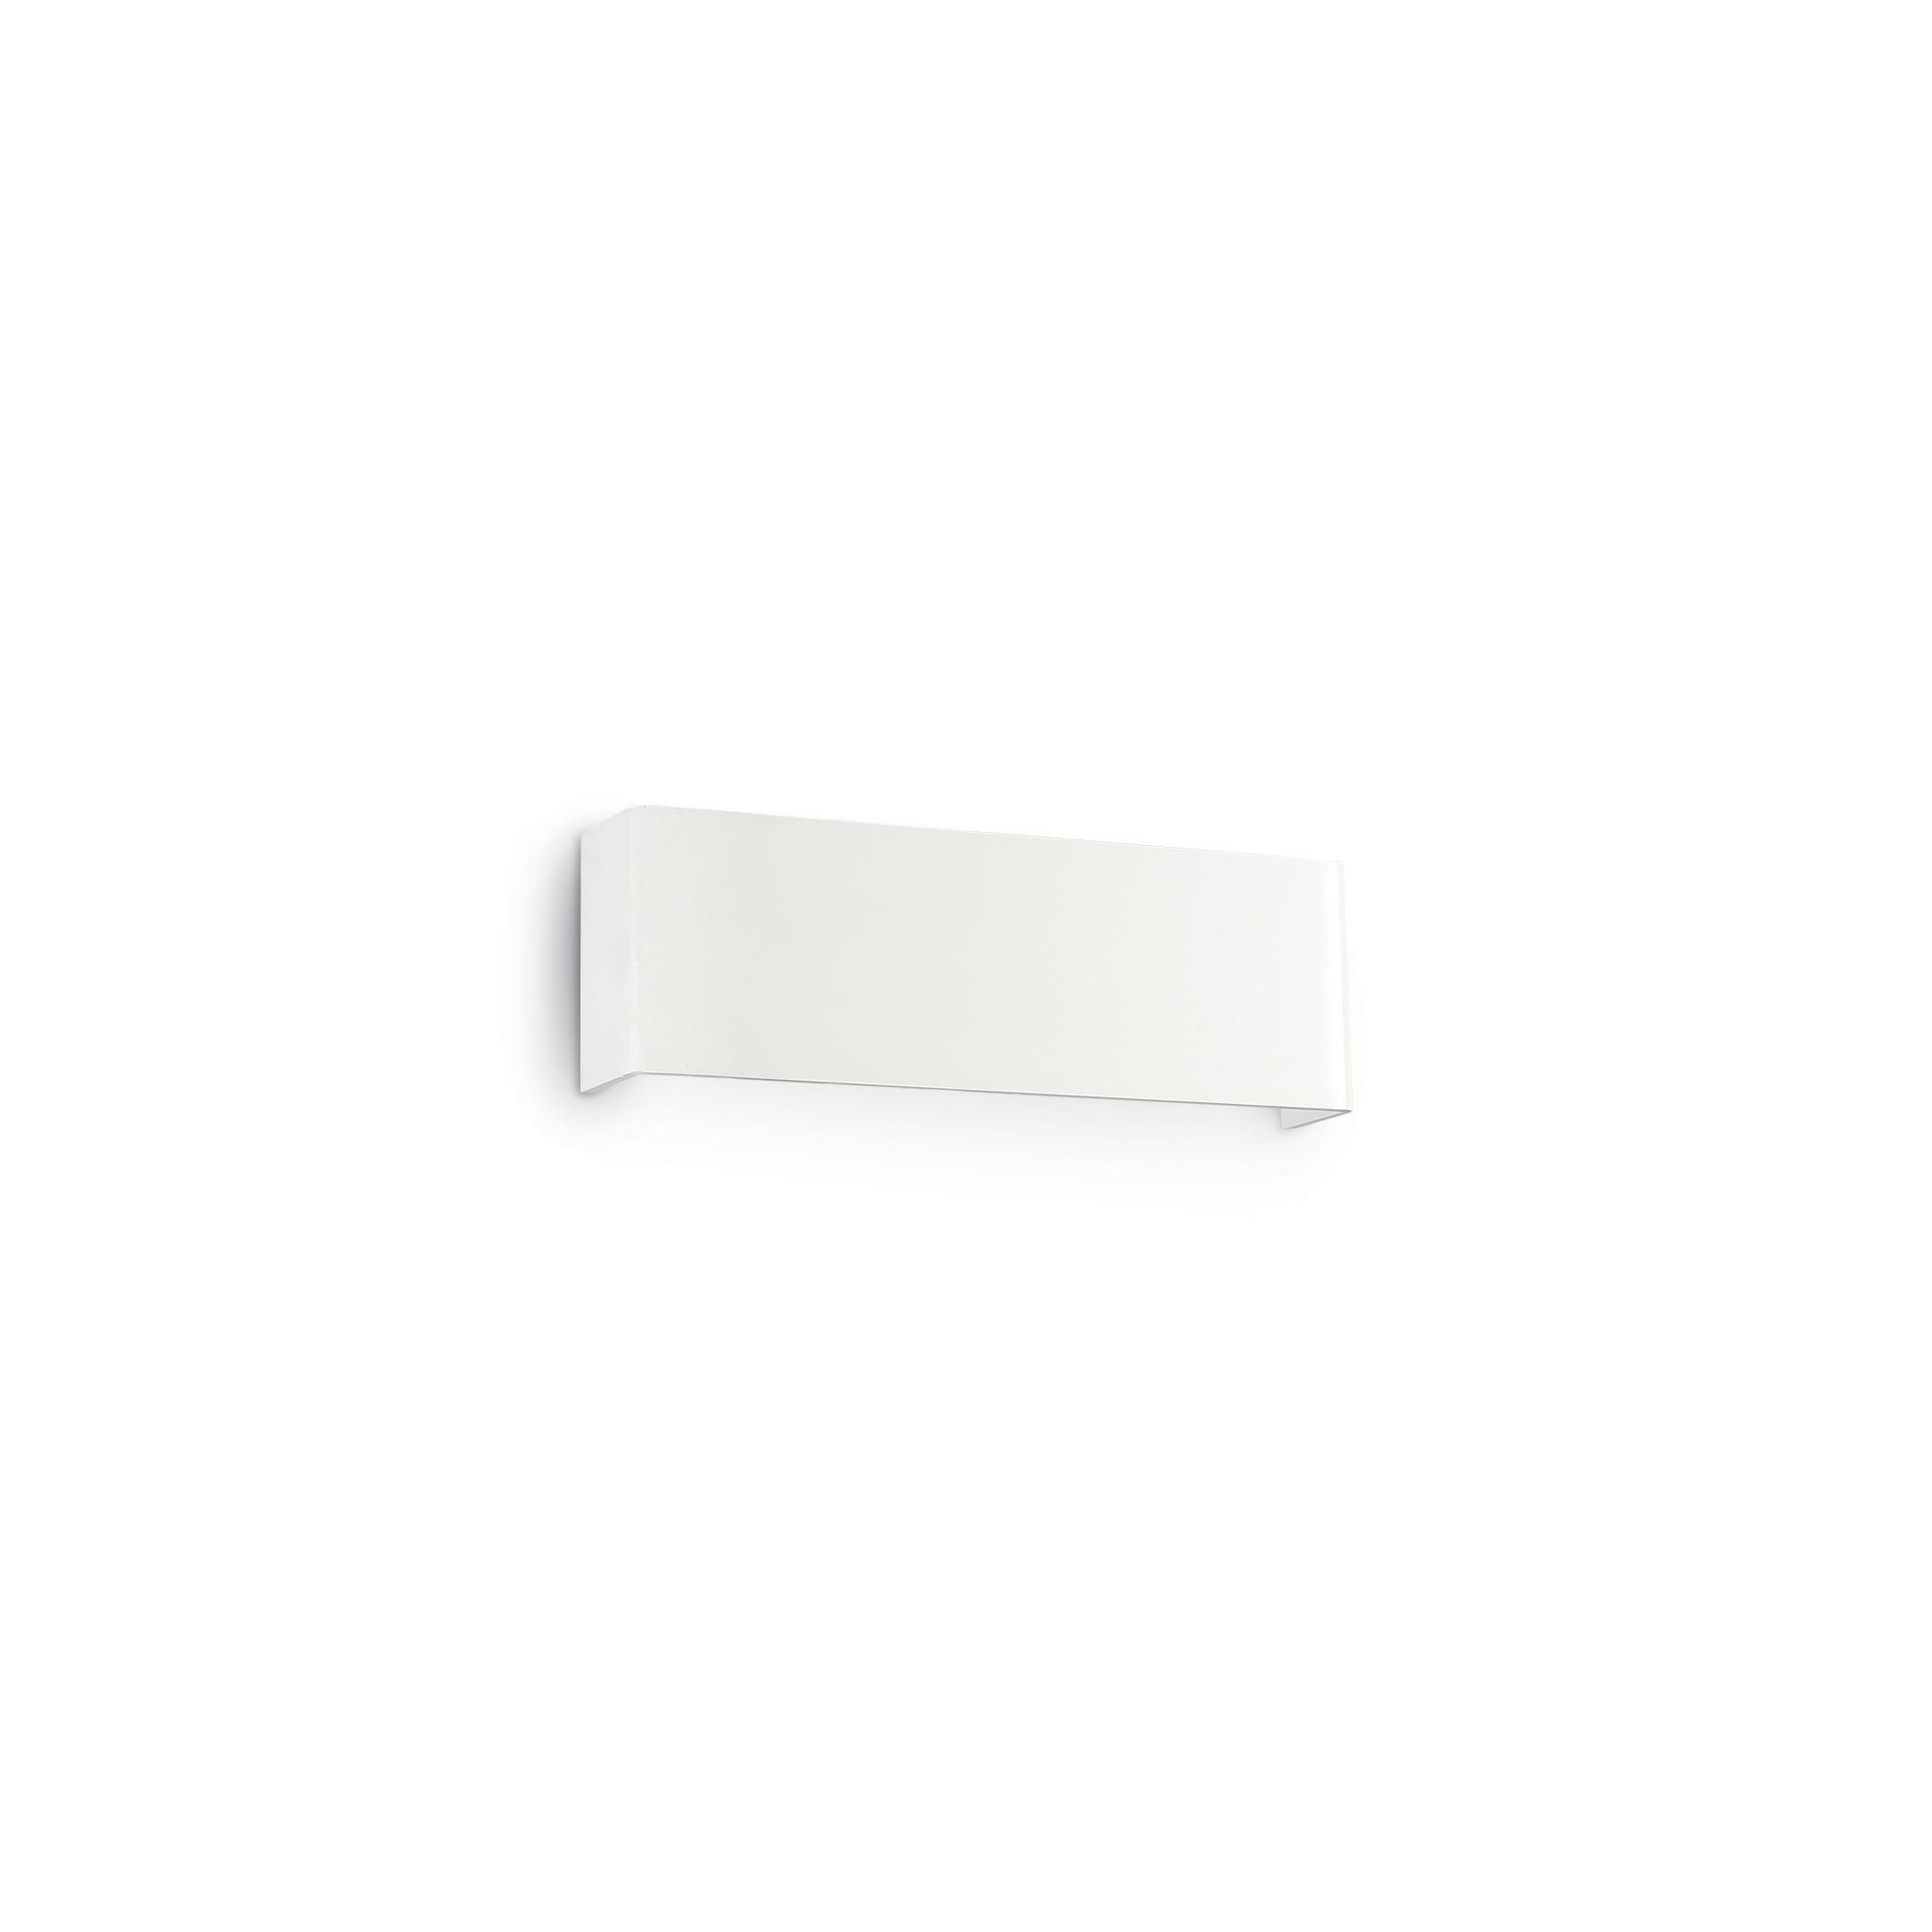 Aplica Bright AP60 White